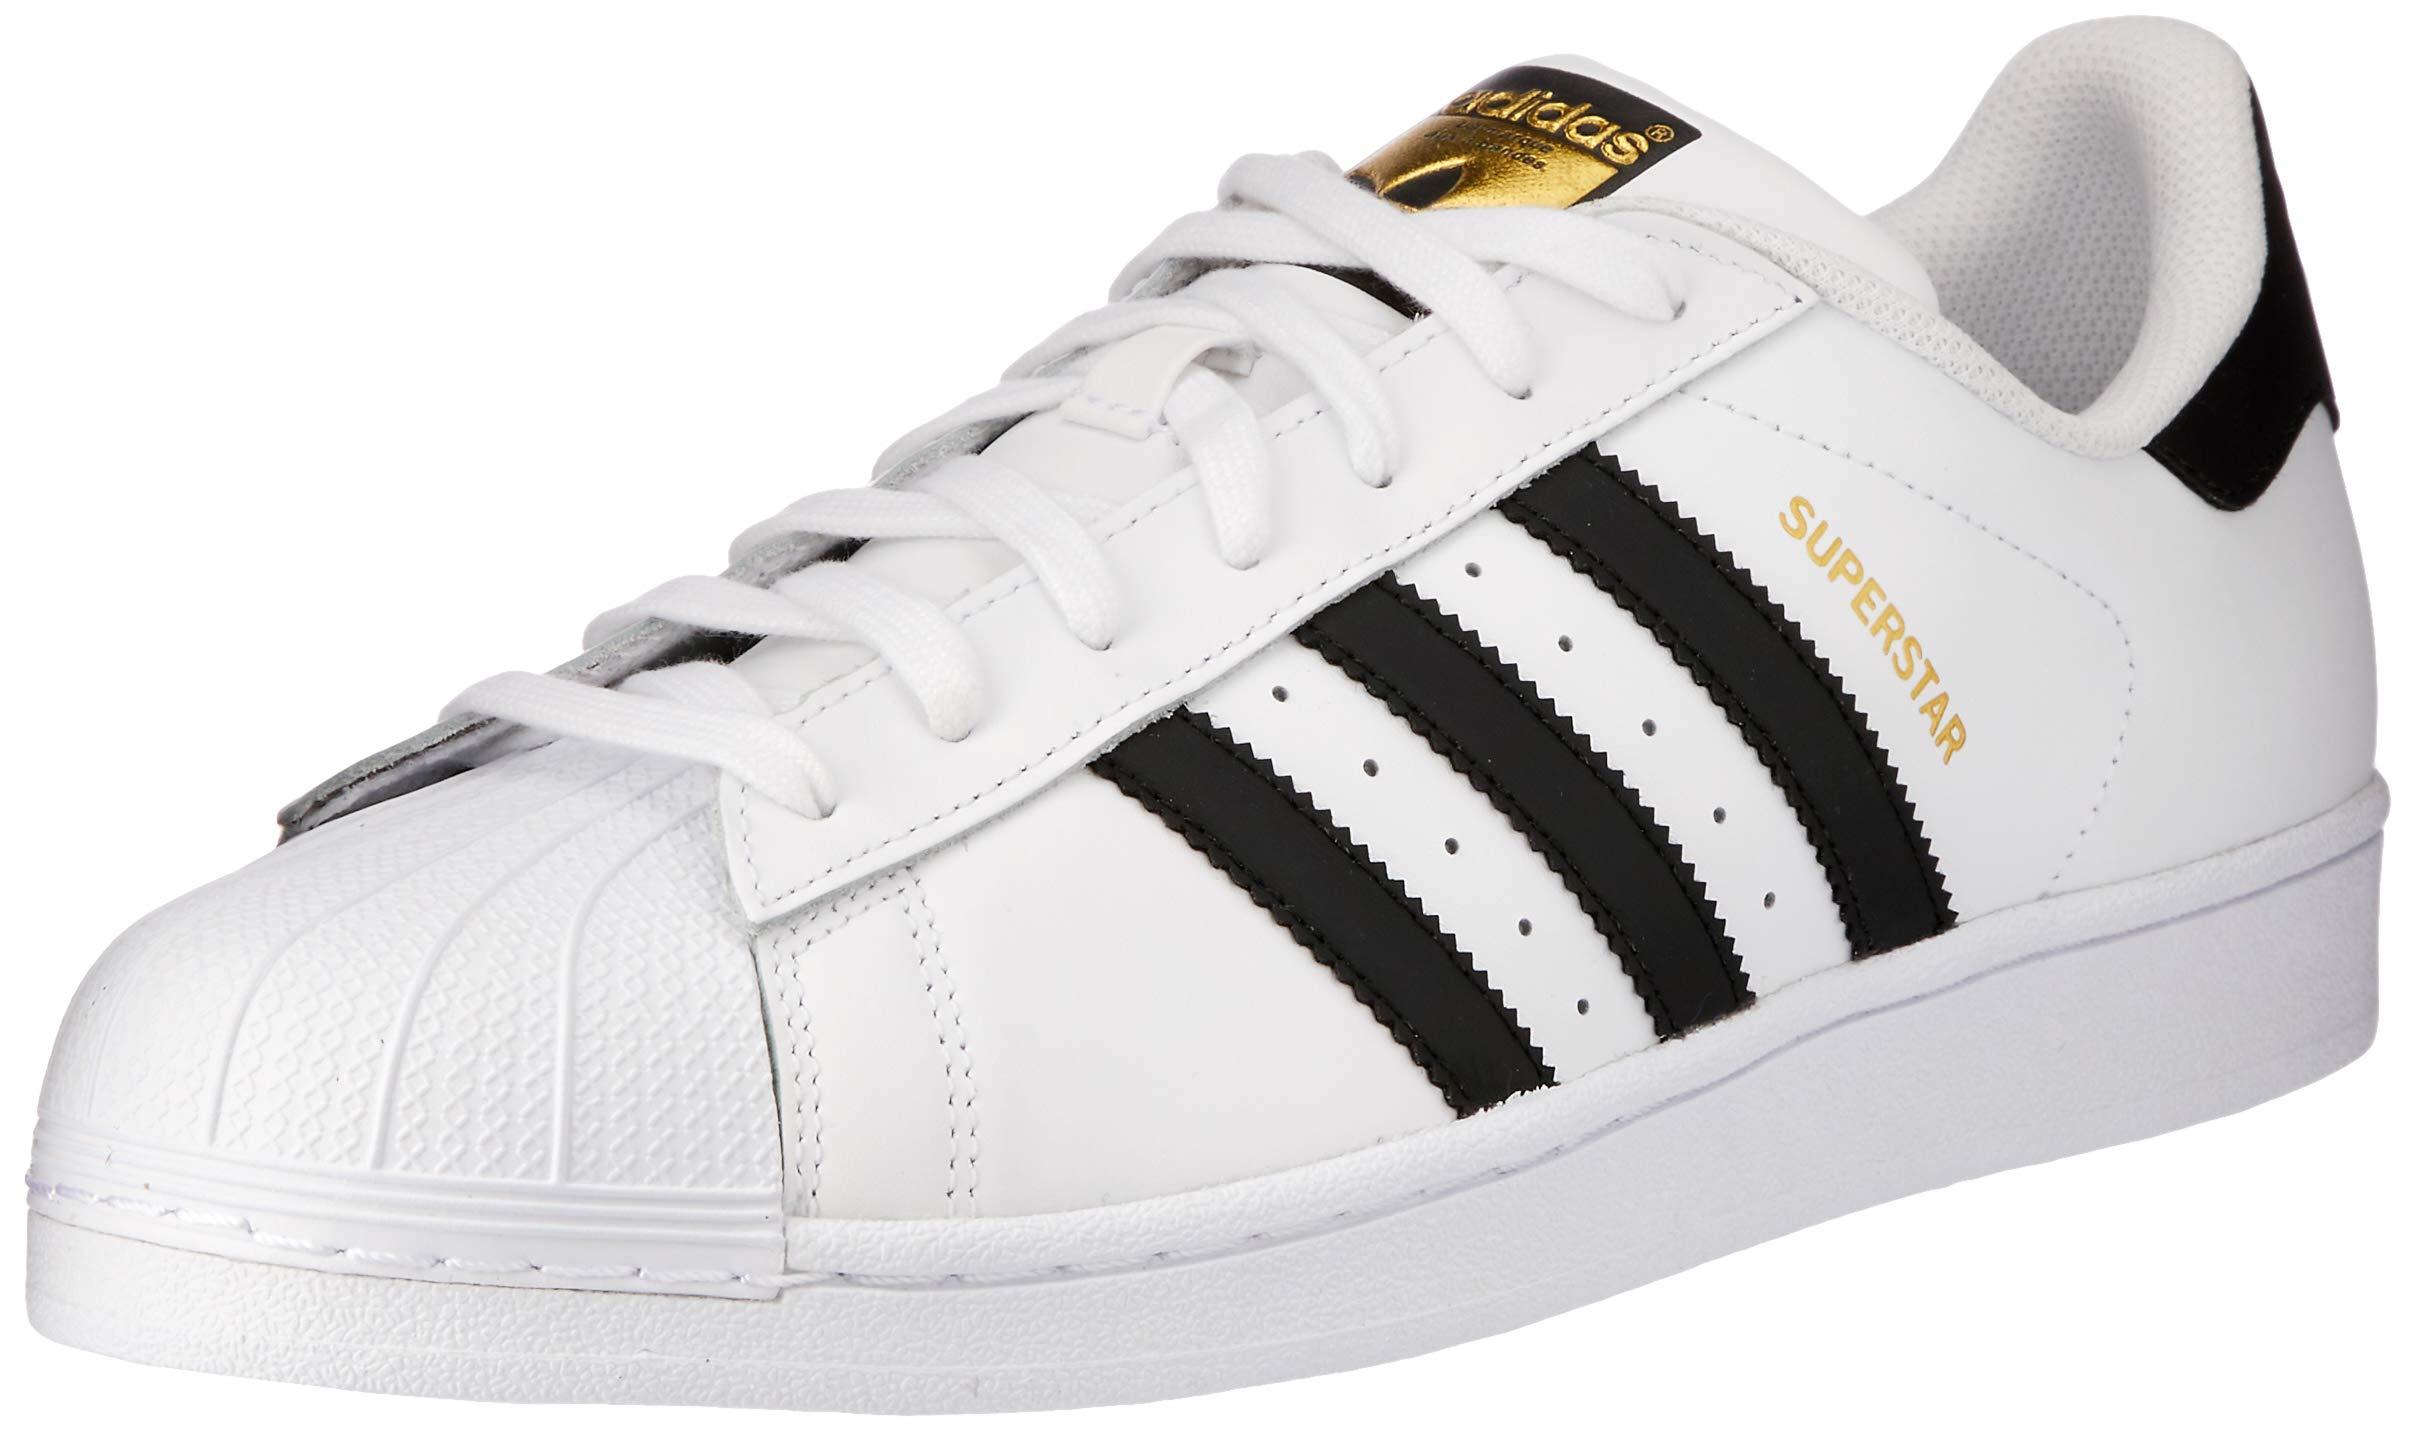 adidas scarpe bianche e oro